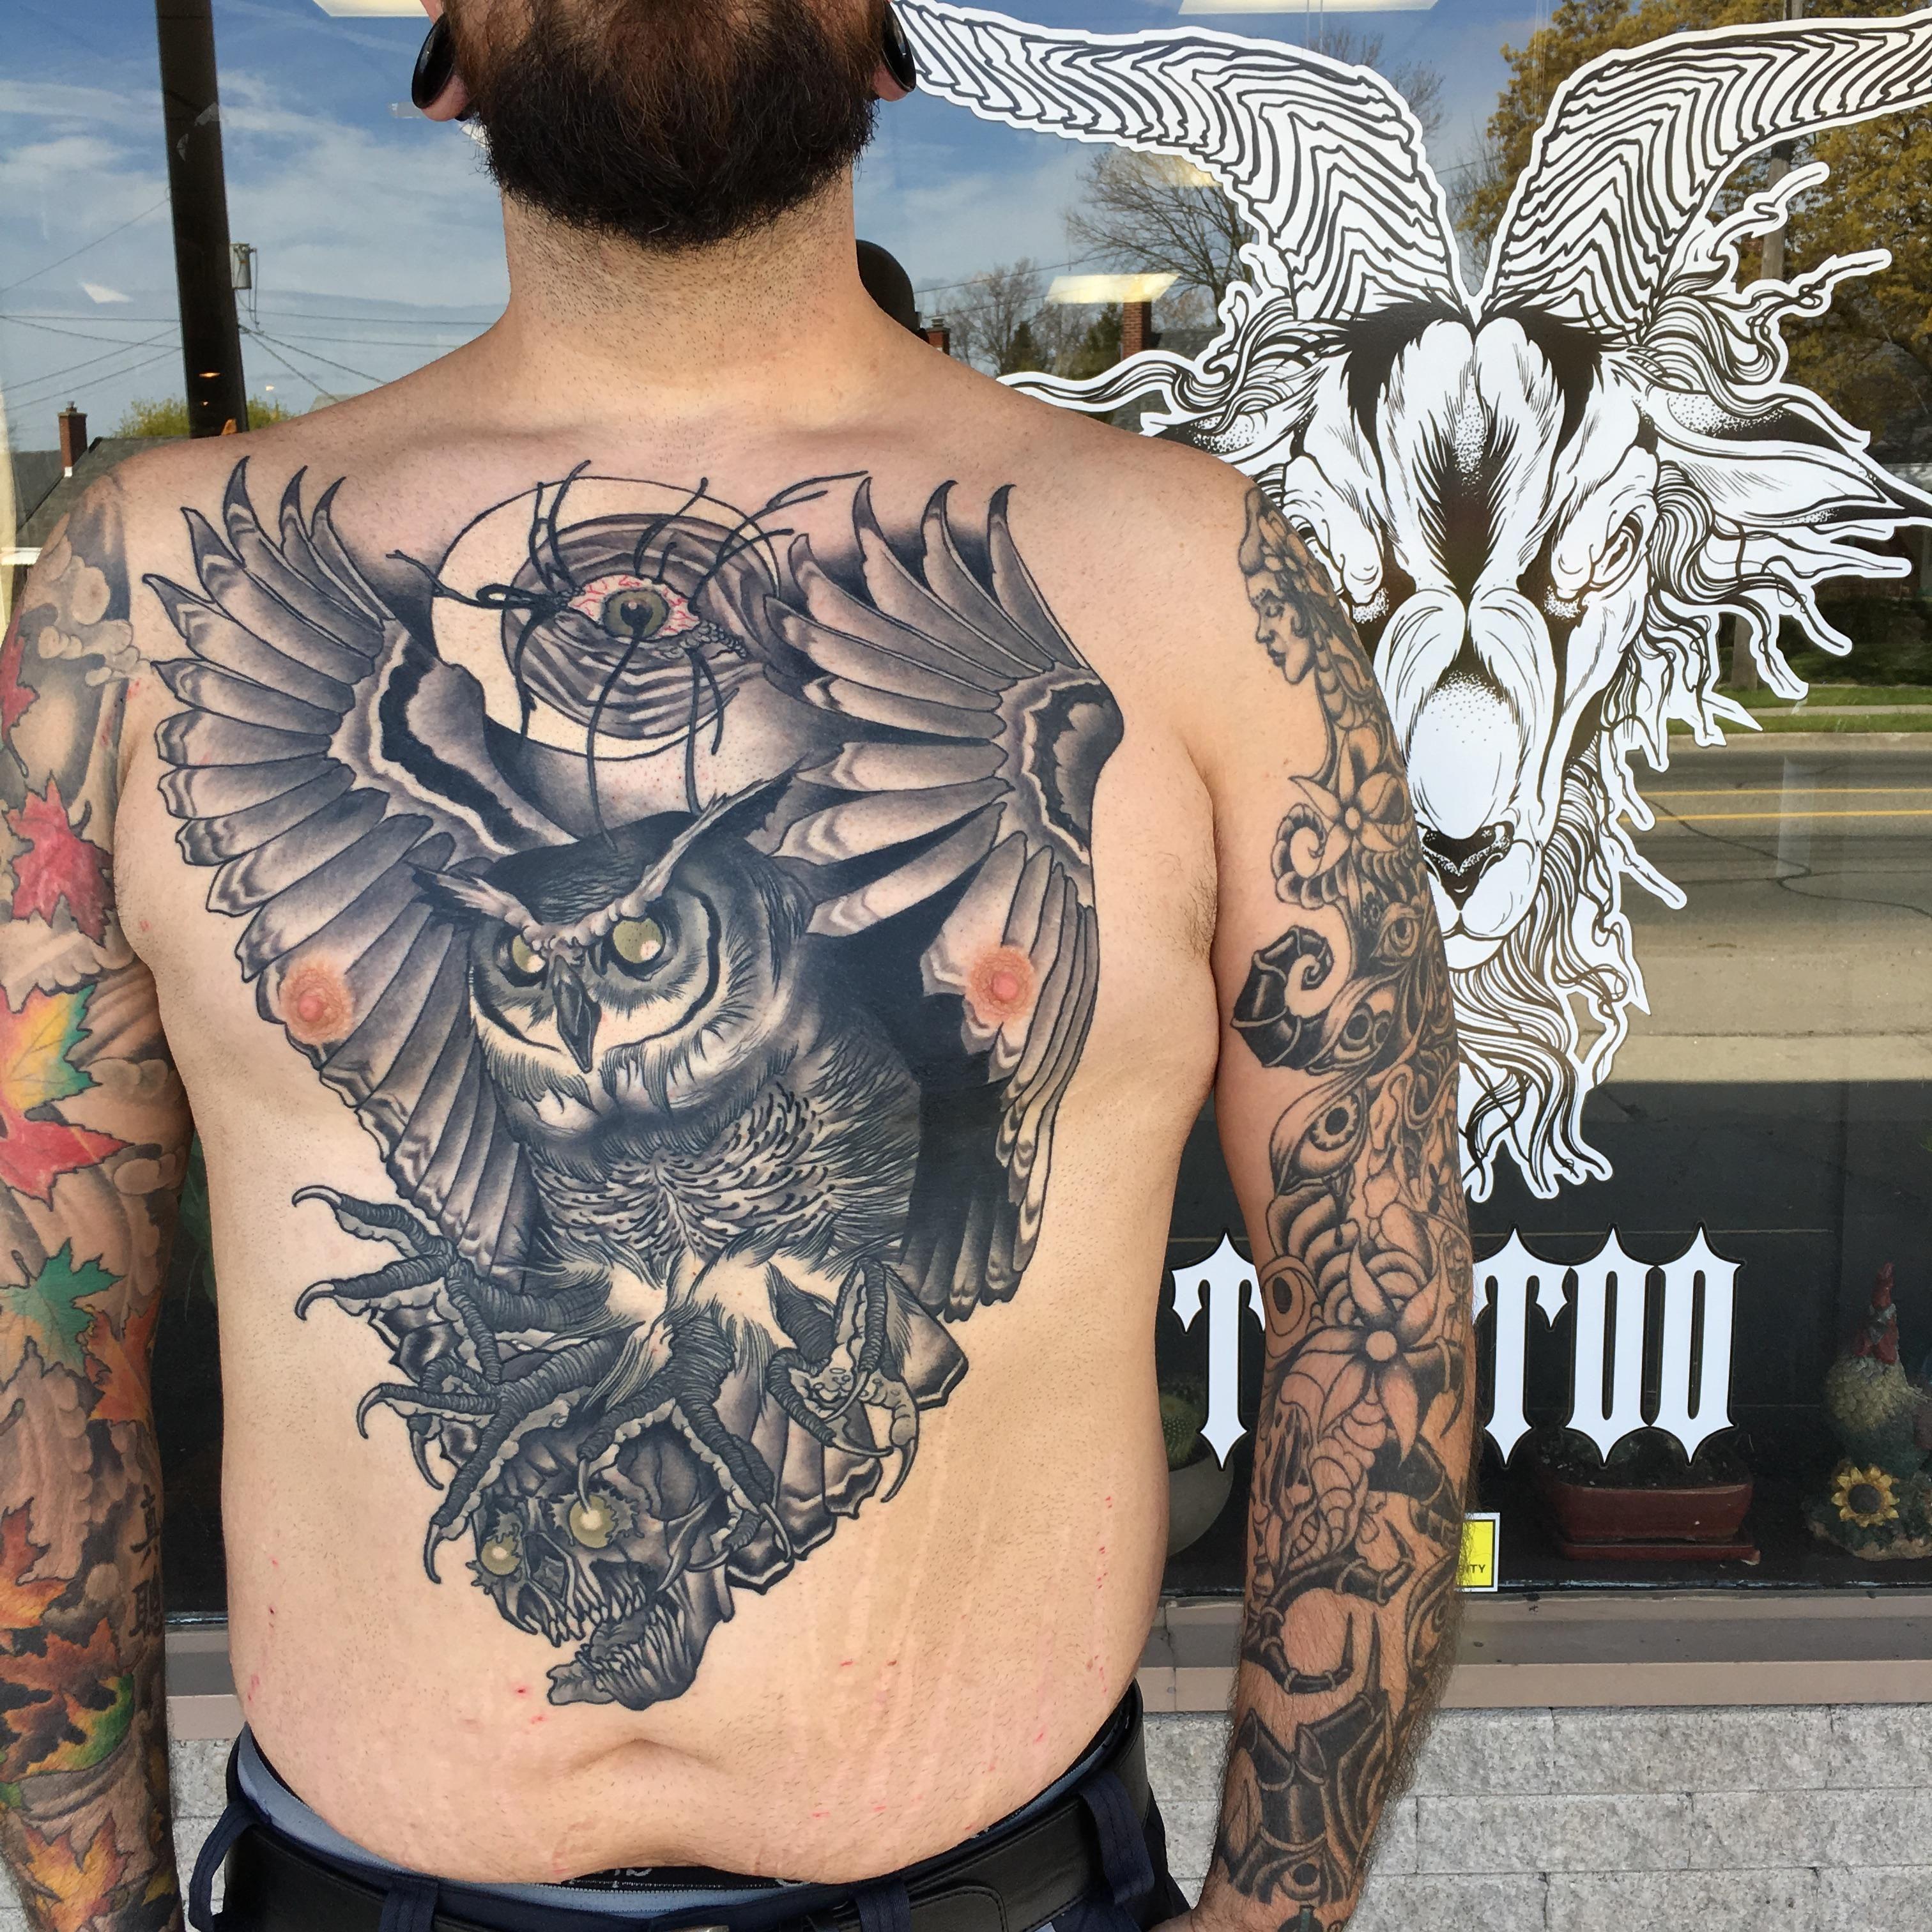 My Owl Chest Piece By Travis Mcgregor Hailstorm Tattoo In